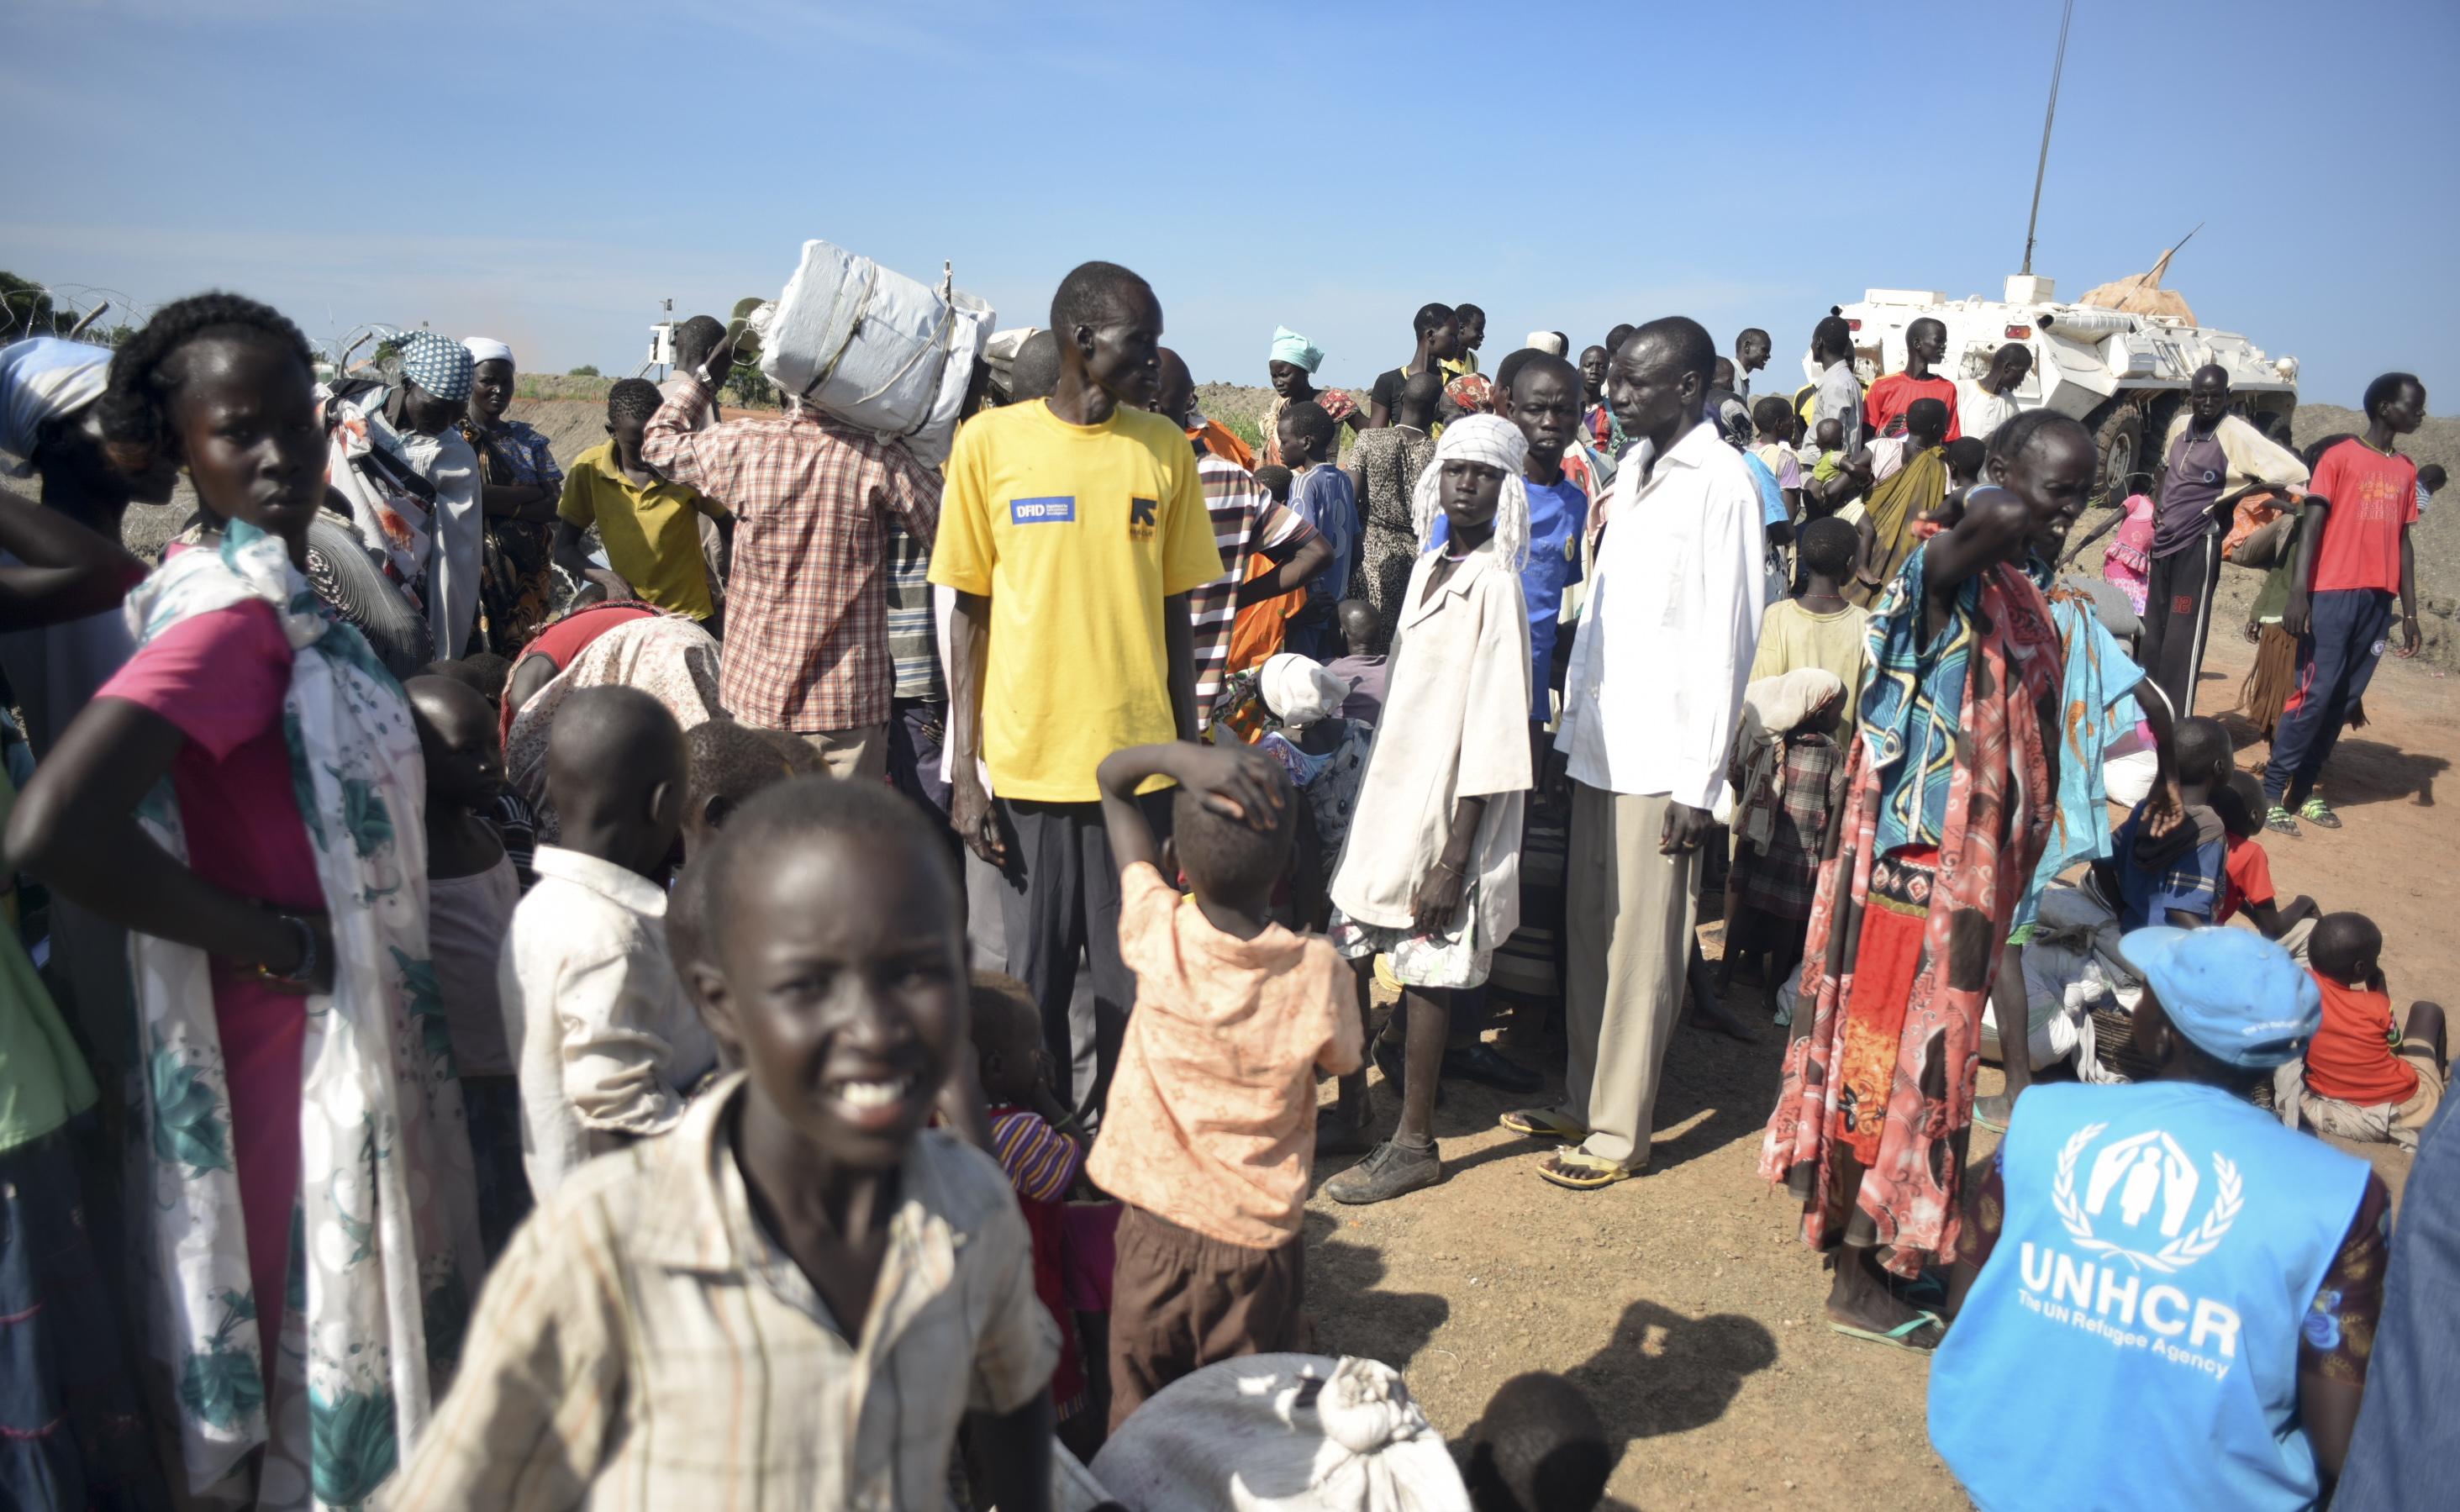 Des milliers  de déplacés au Soudan du Sud